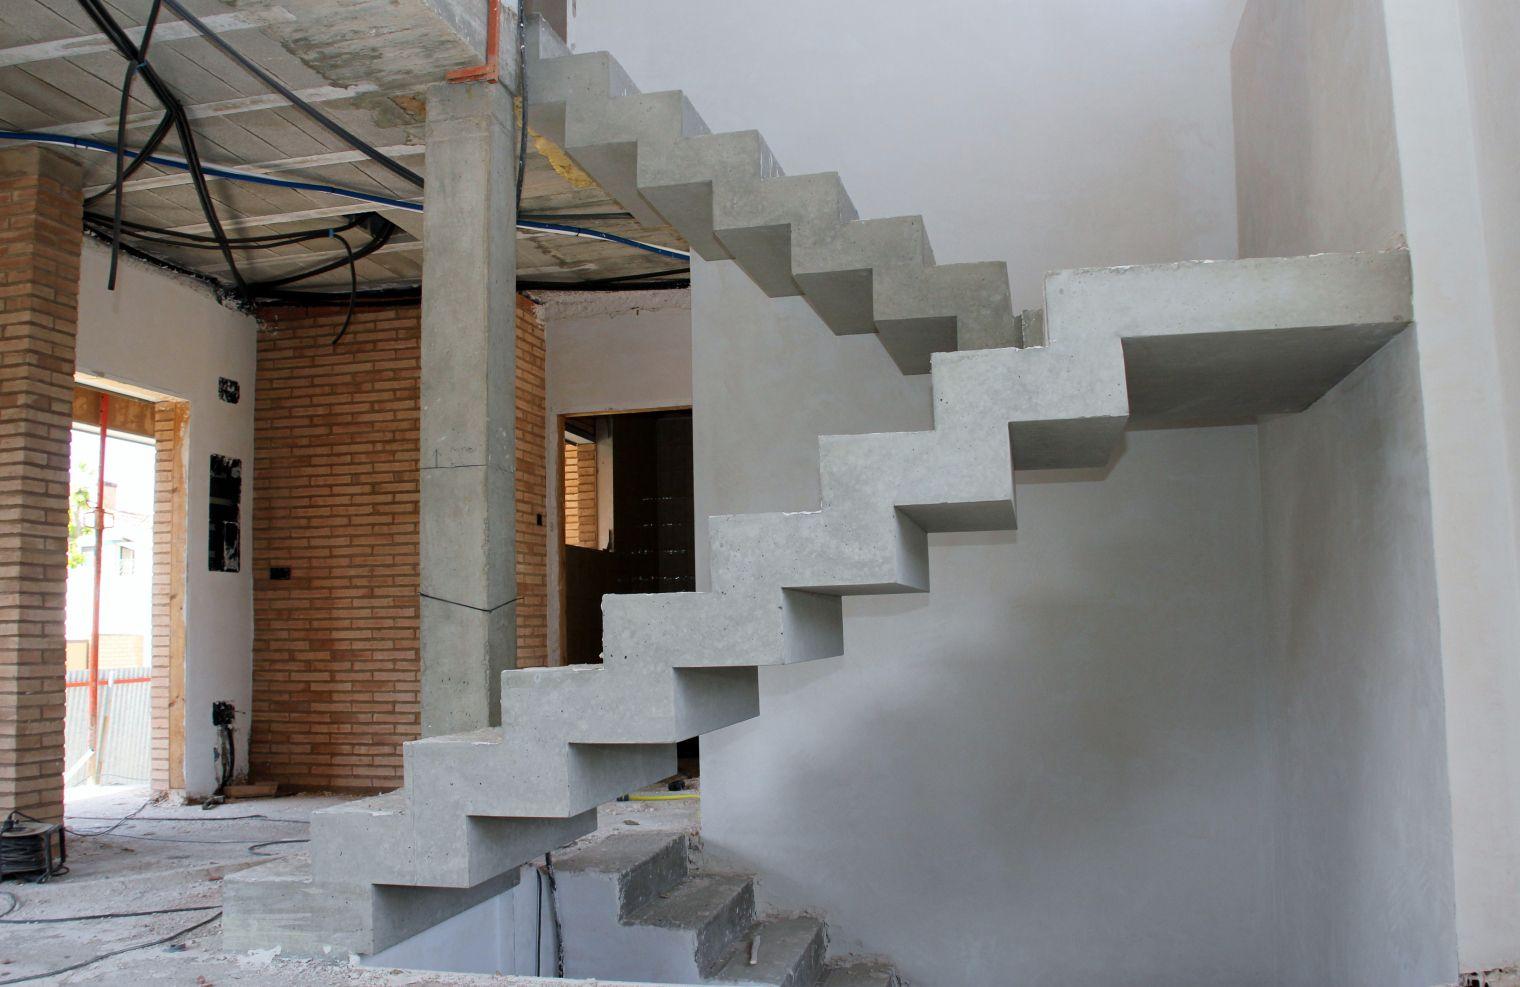 Escalera quebrada de hormig n visto escalera - Escaleras de hormigon ...